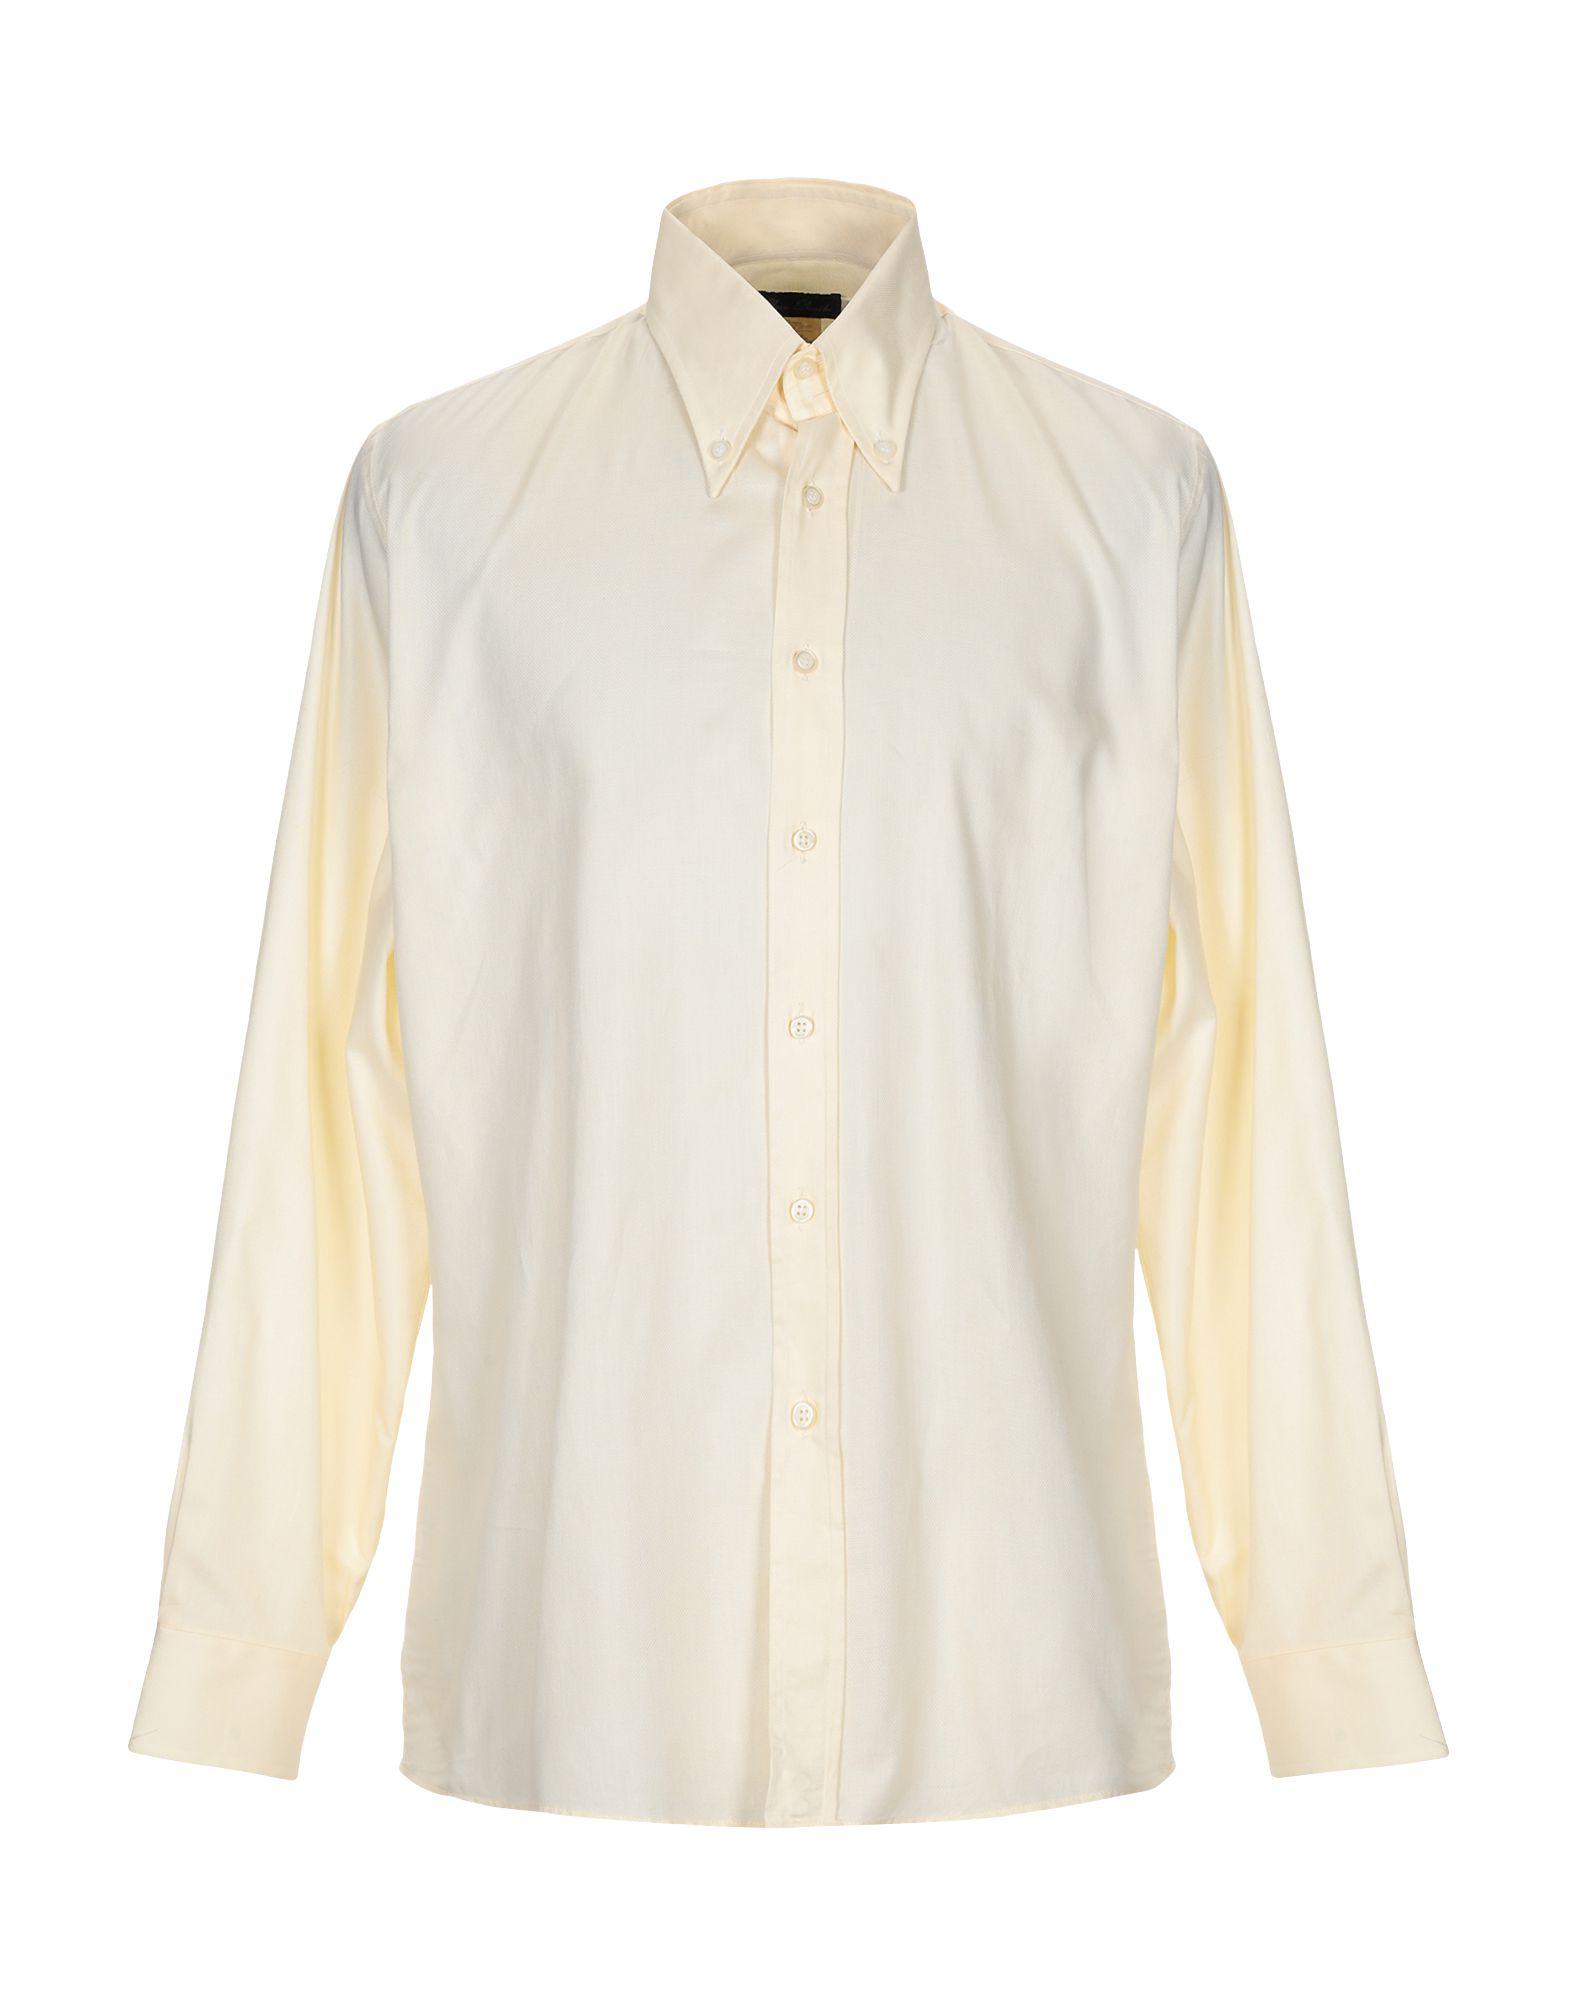 《送料無料》BAINDOUCHE メンズ シャツ ライトイエロー L コットン 100%